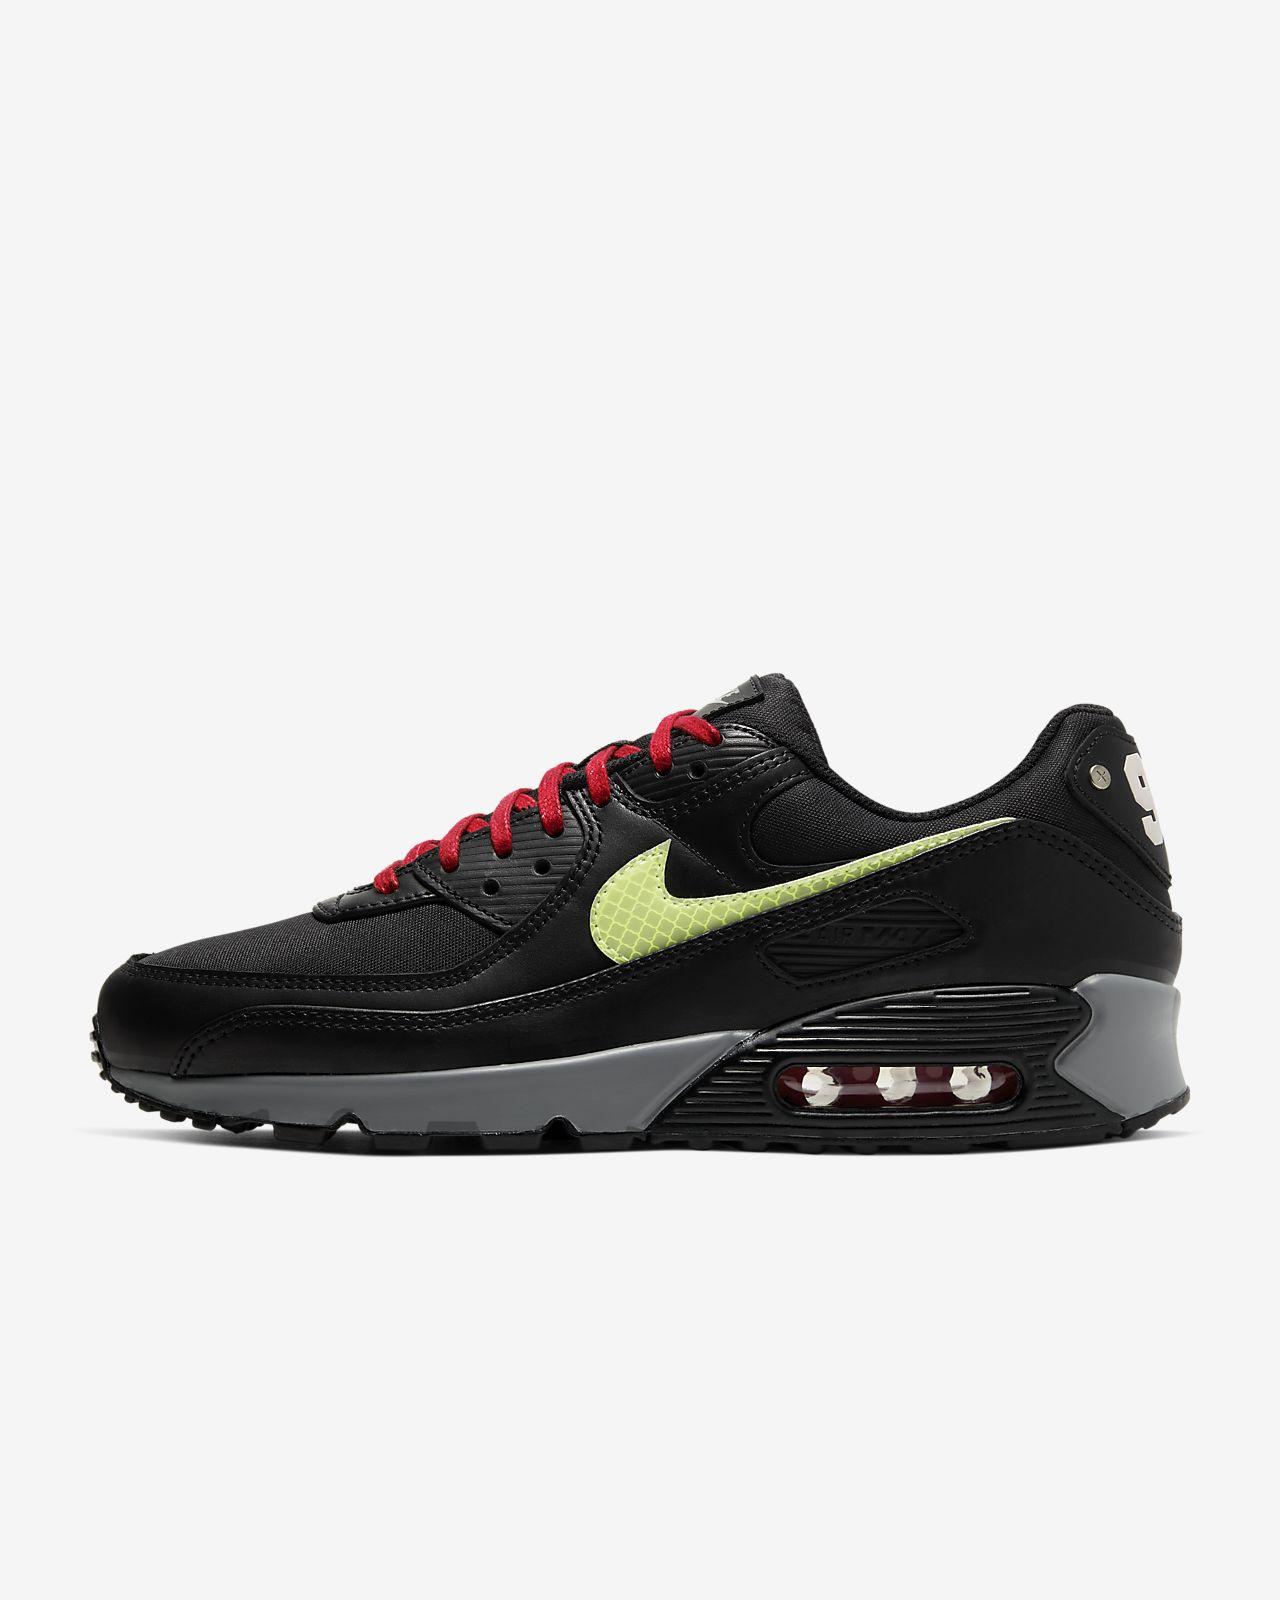 Nike Air Max 90 Premium Men's Shoe